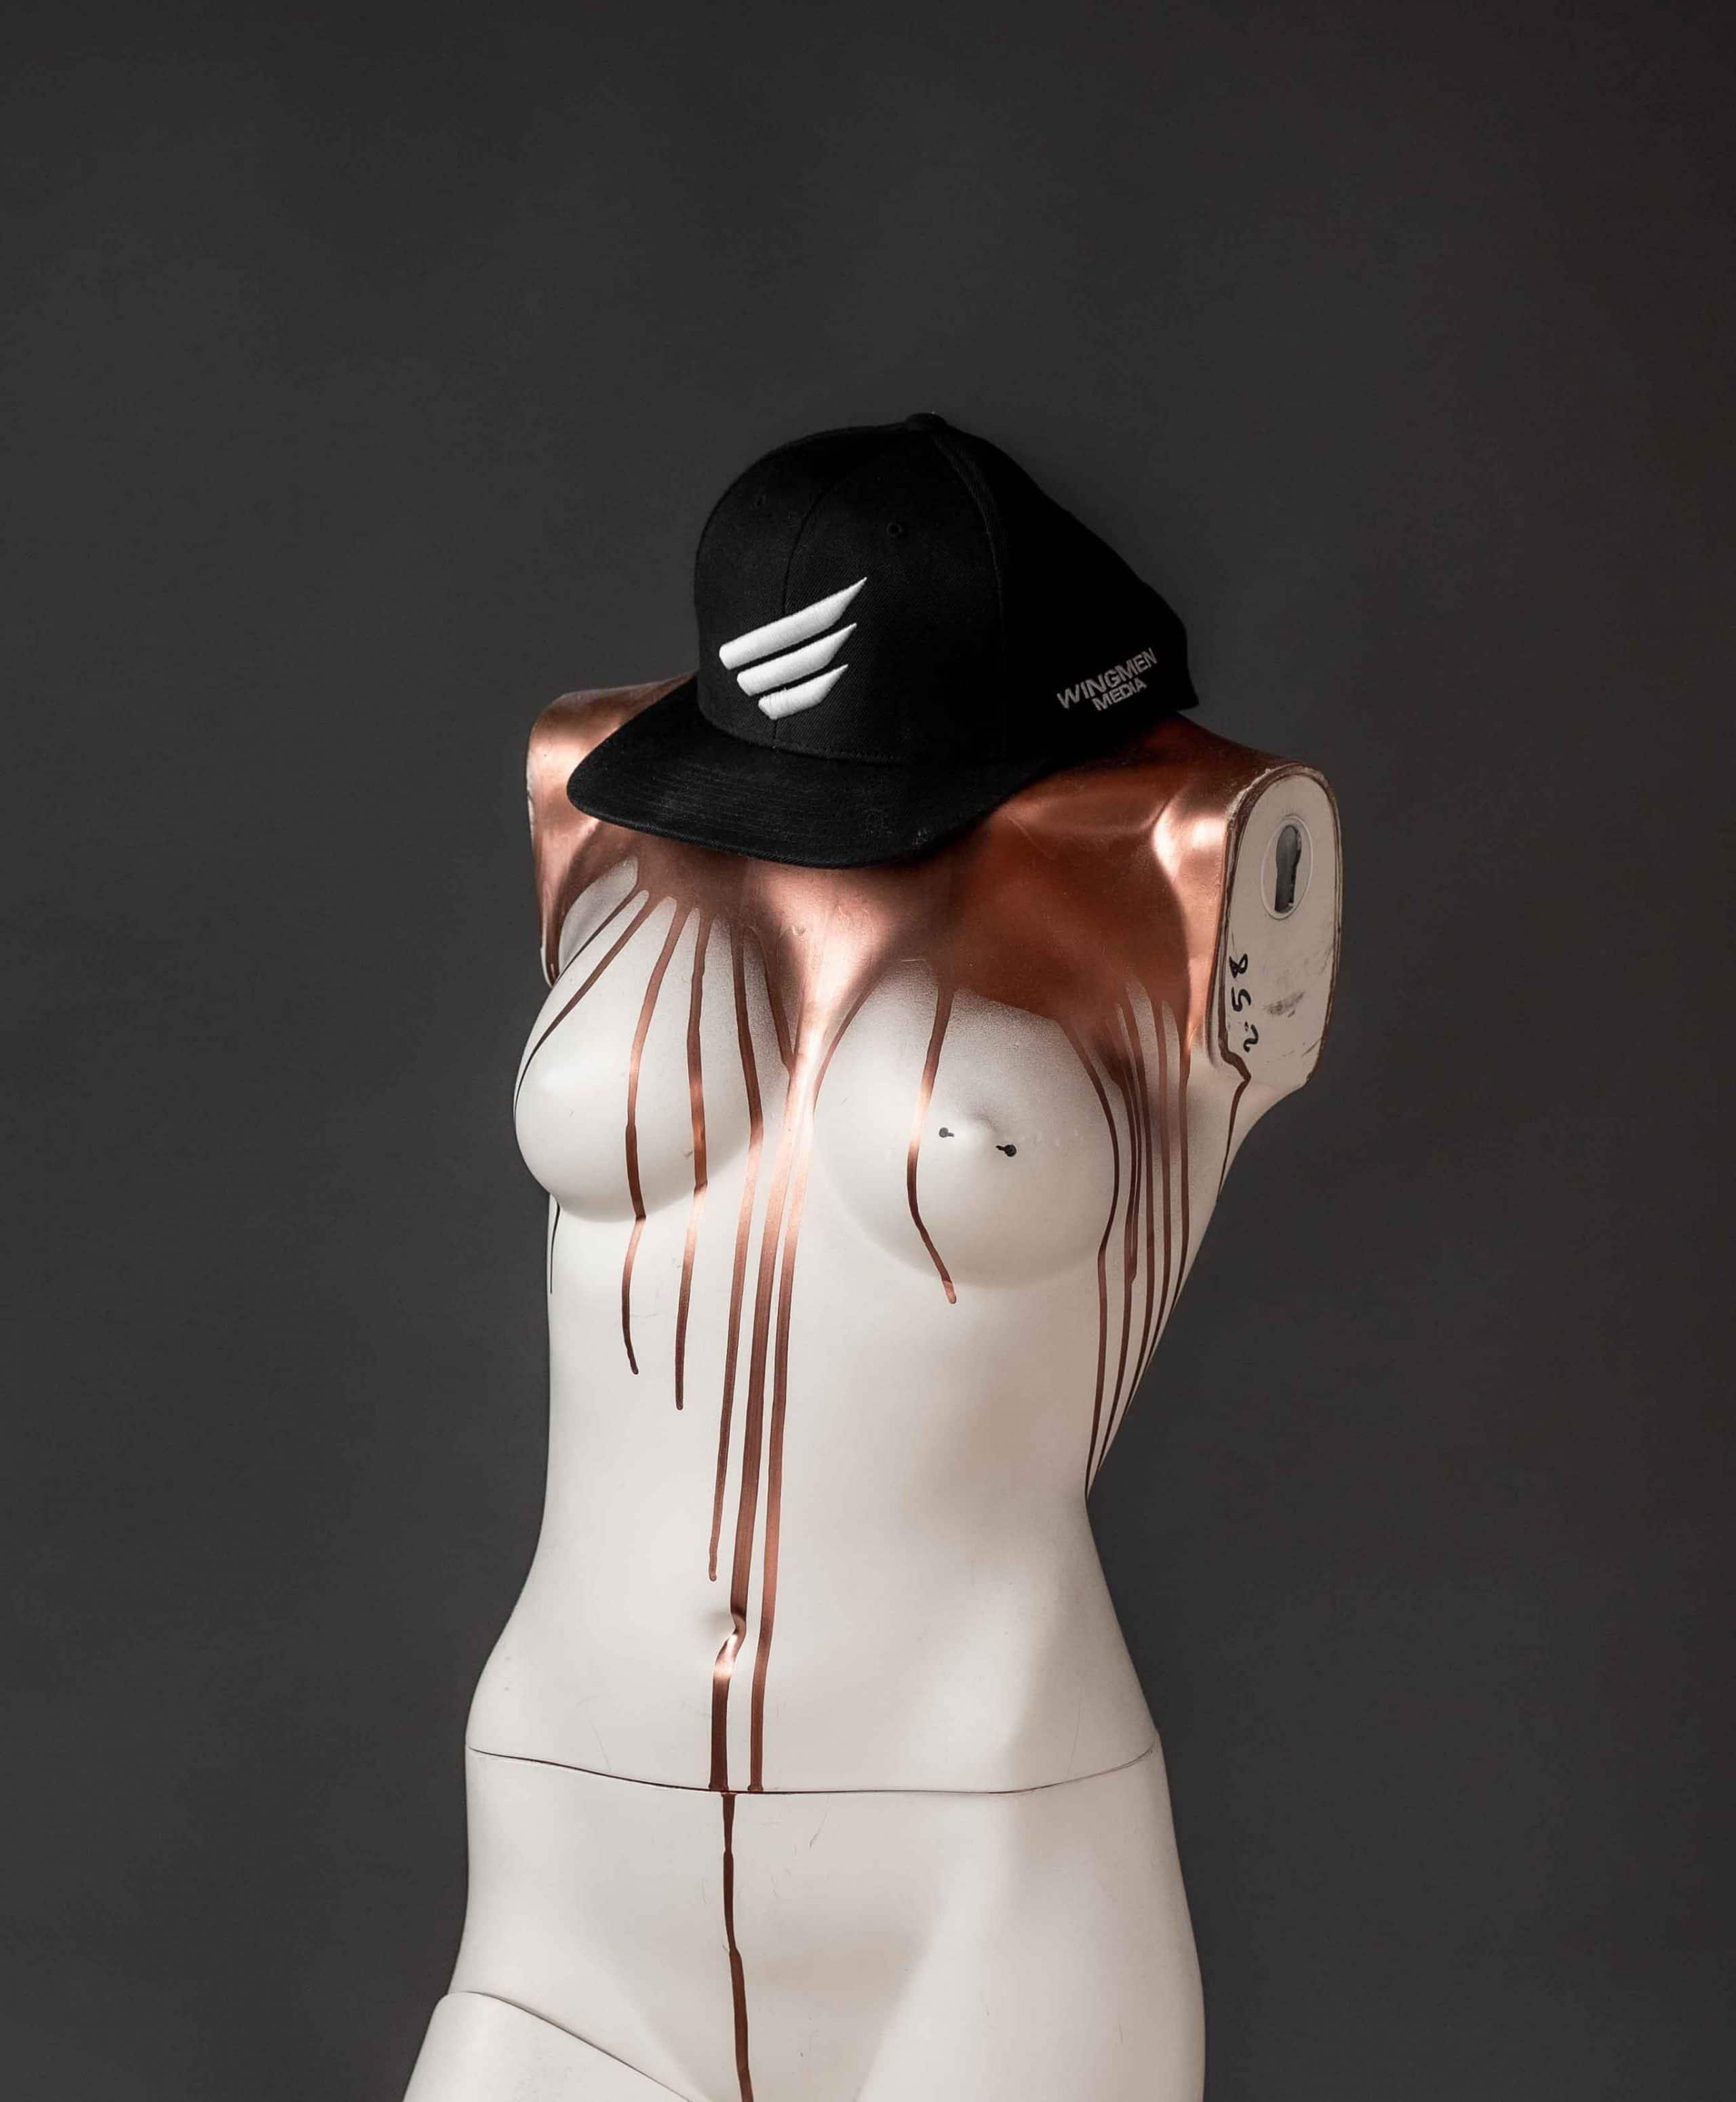 Eine Schaufensterpuppe ohne Arme und Kopf, mit Bronze, Metaleffect Farbe überlaufen, trägt ein WINGMEN Media Cap, Logo, Schrift, Unternehmensfotografie, WINGMEN Media